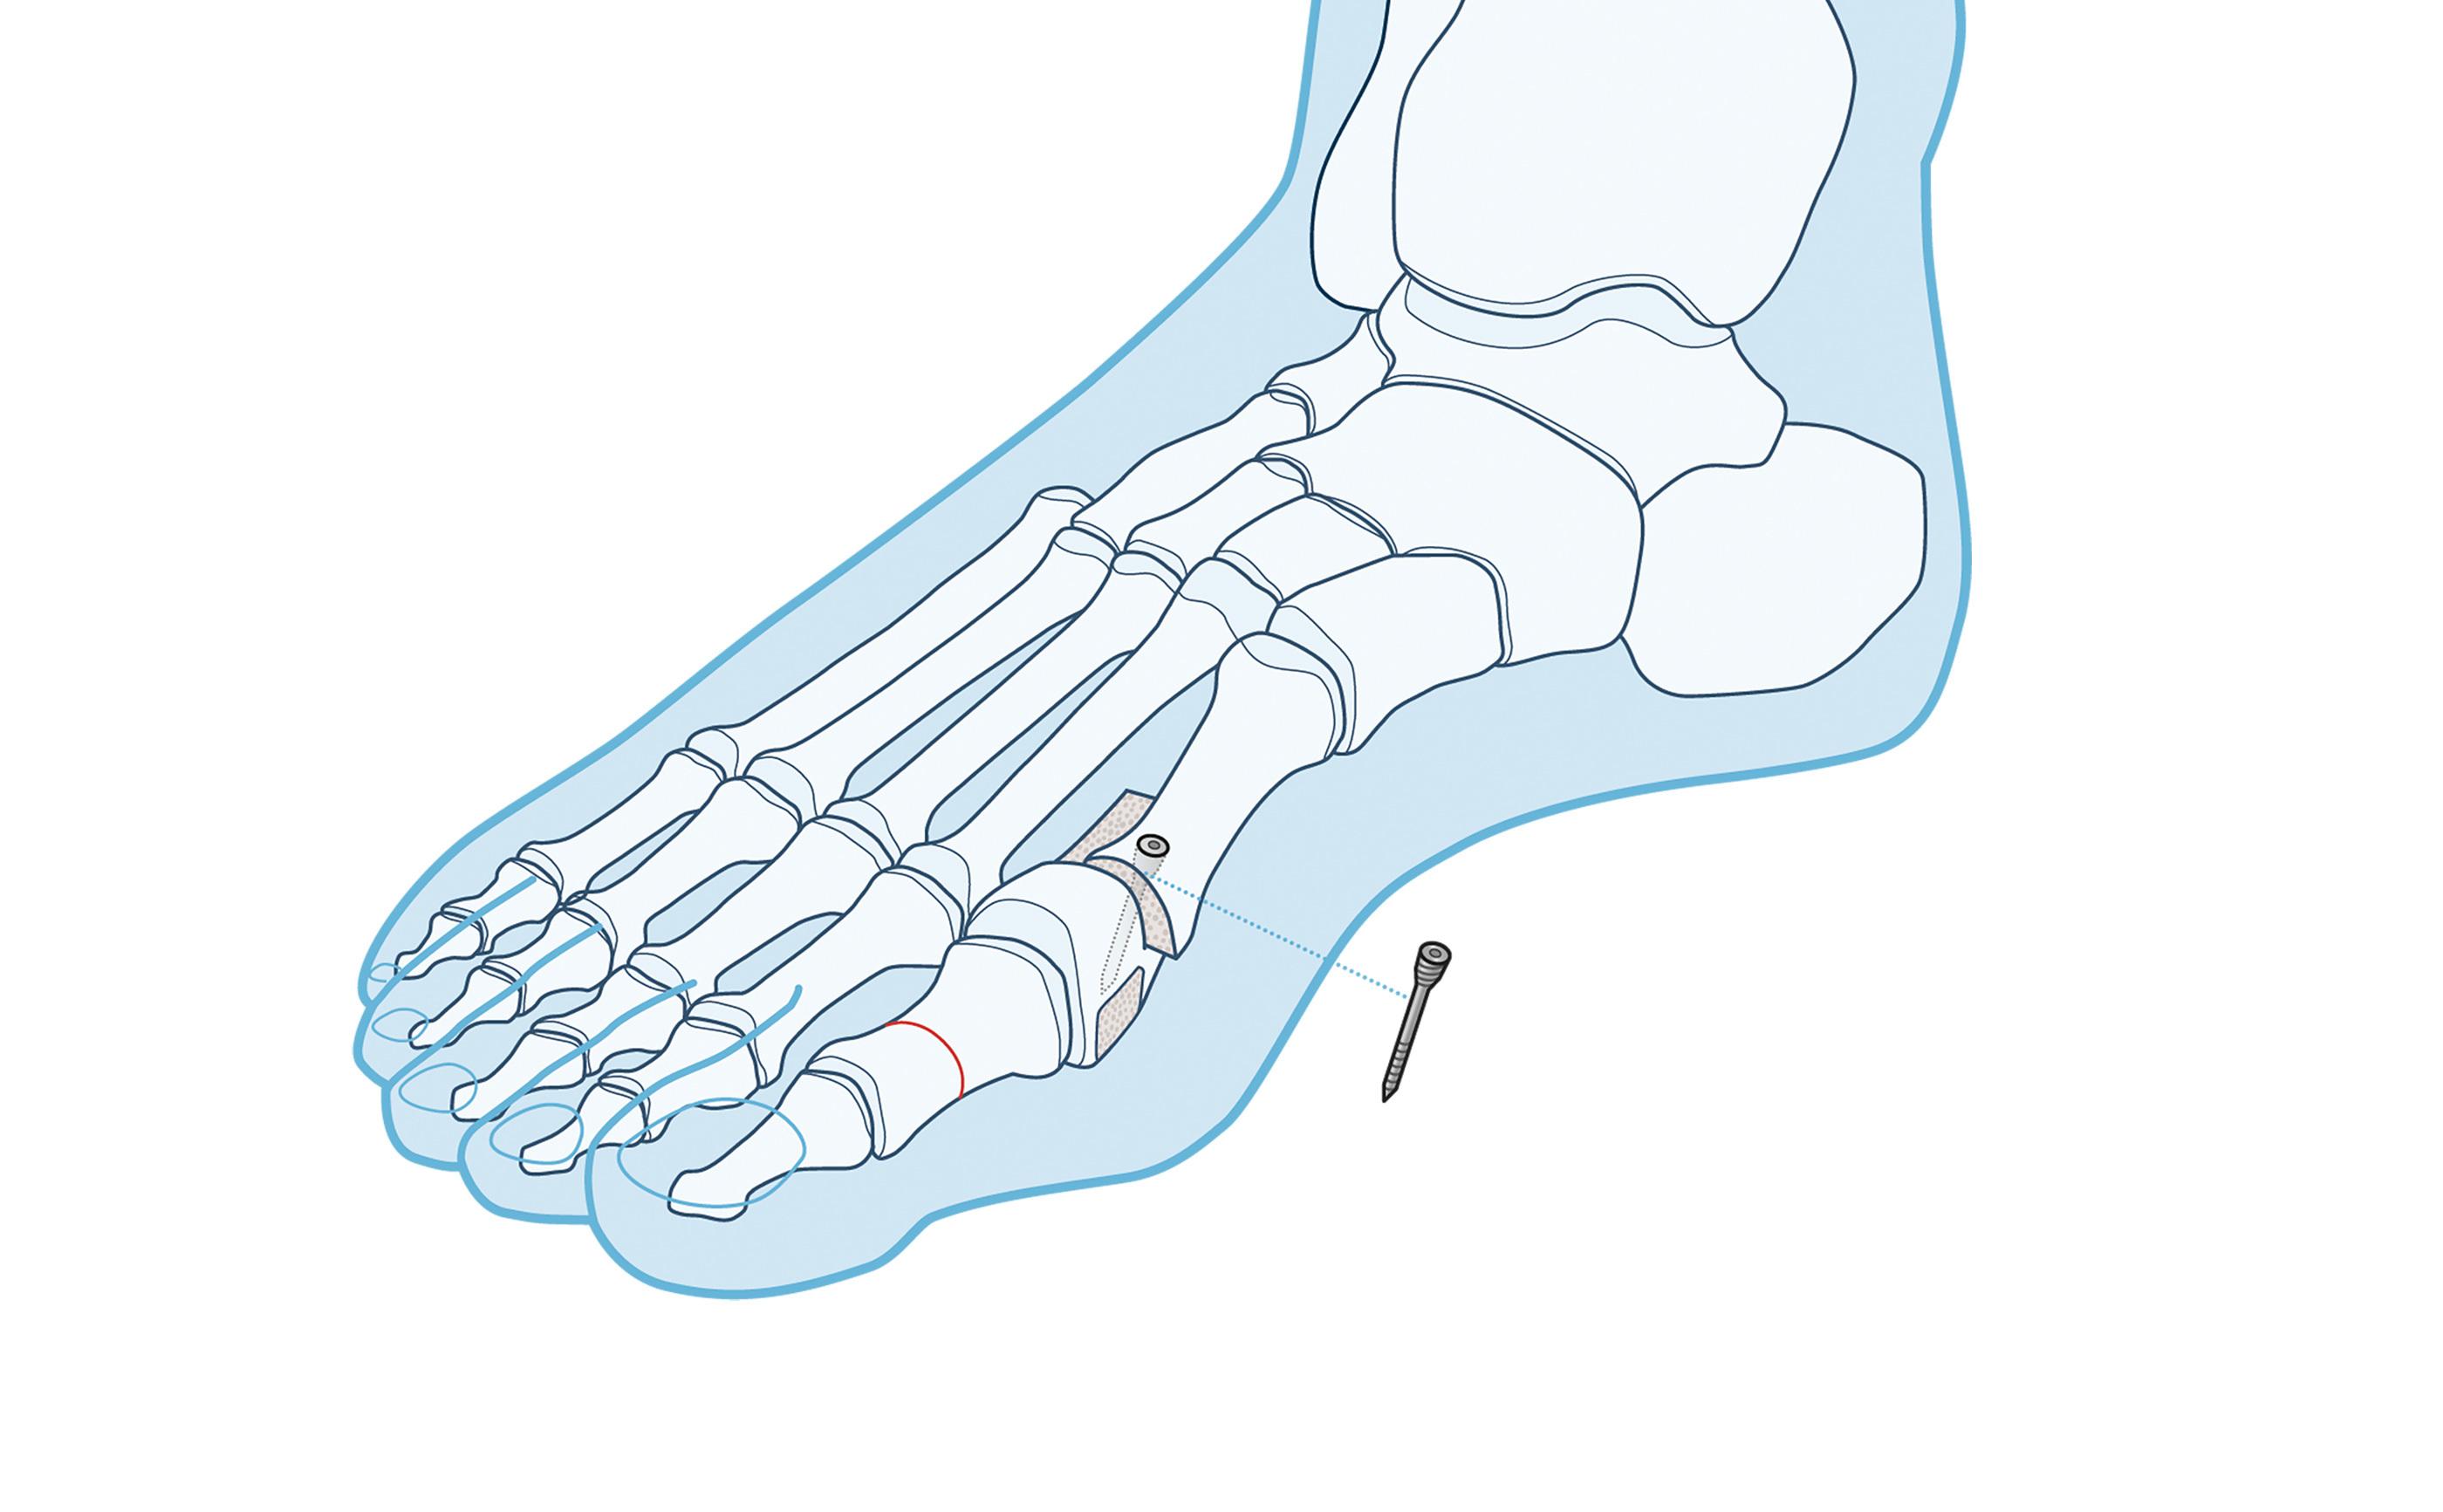 L Akin Osteotomie Schritt 2